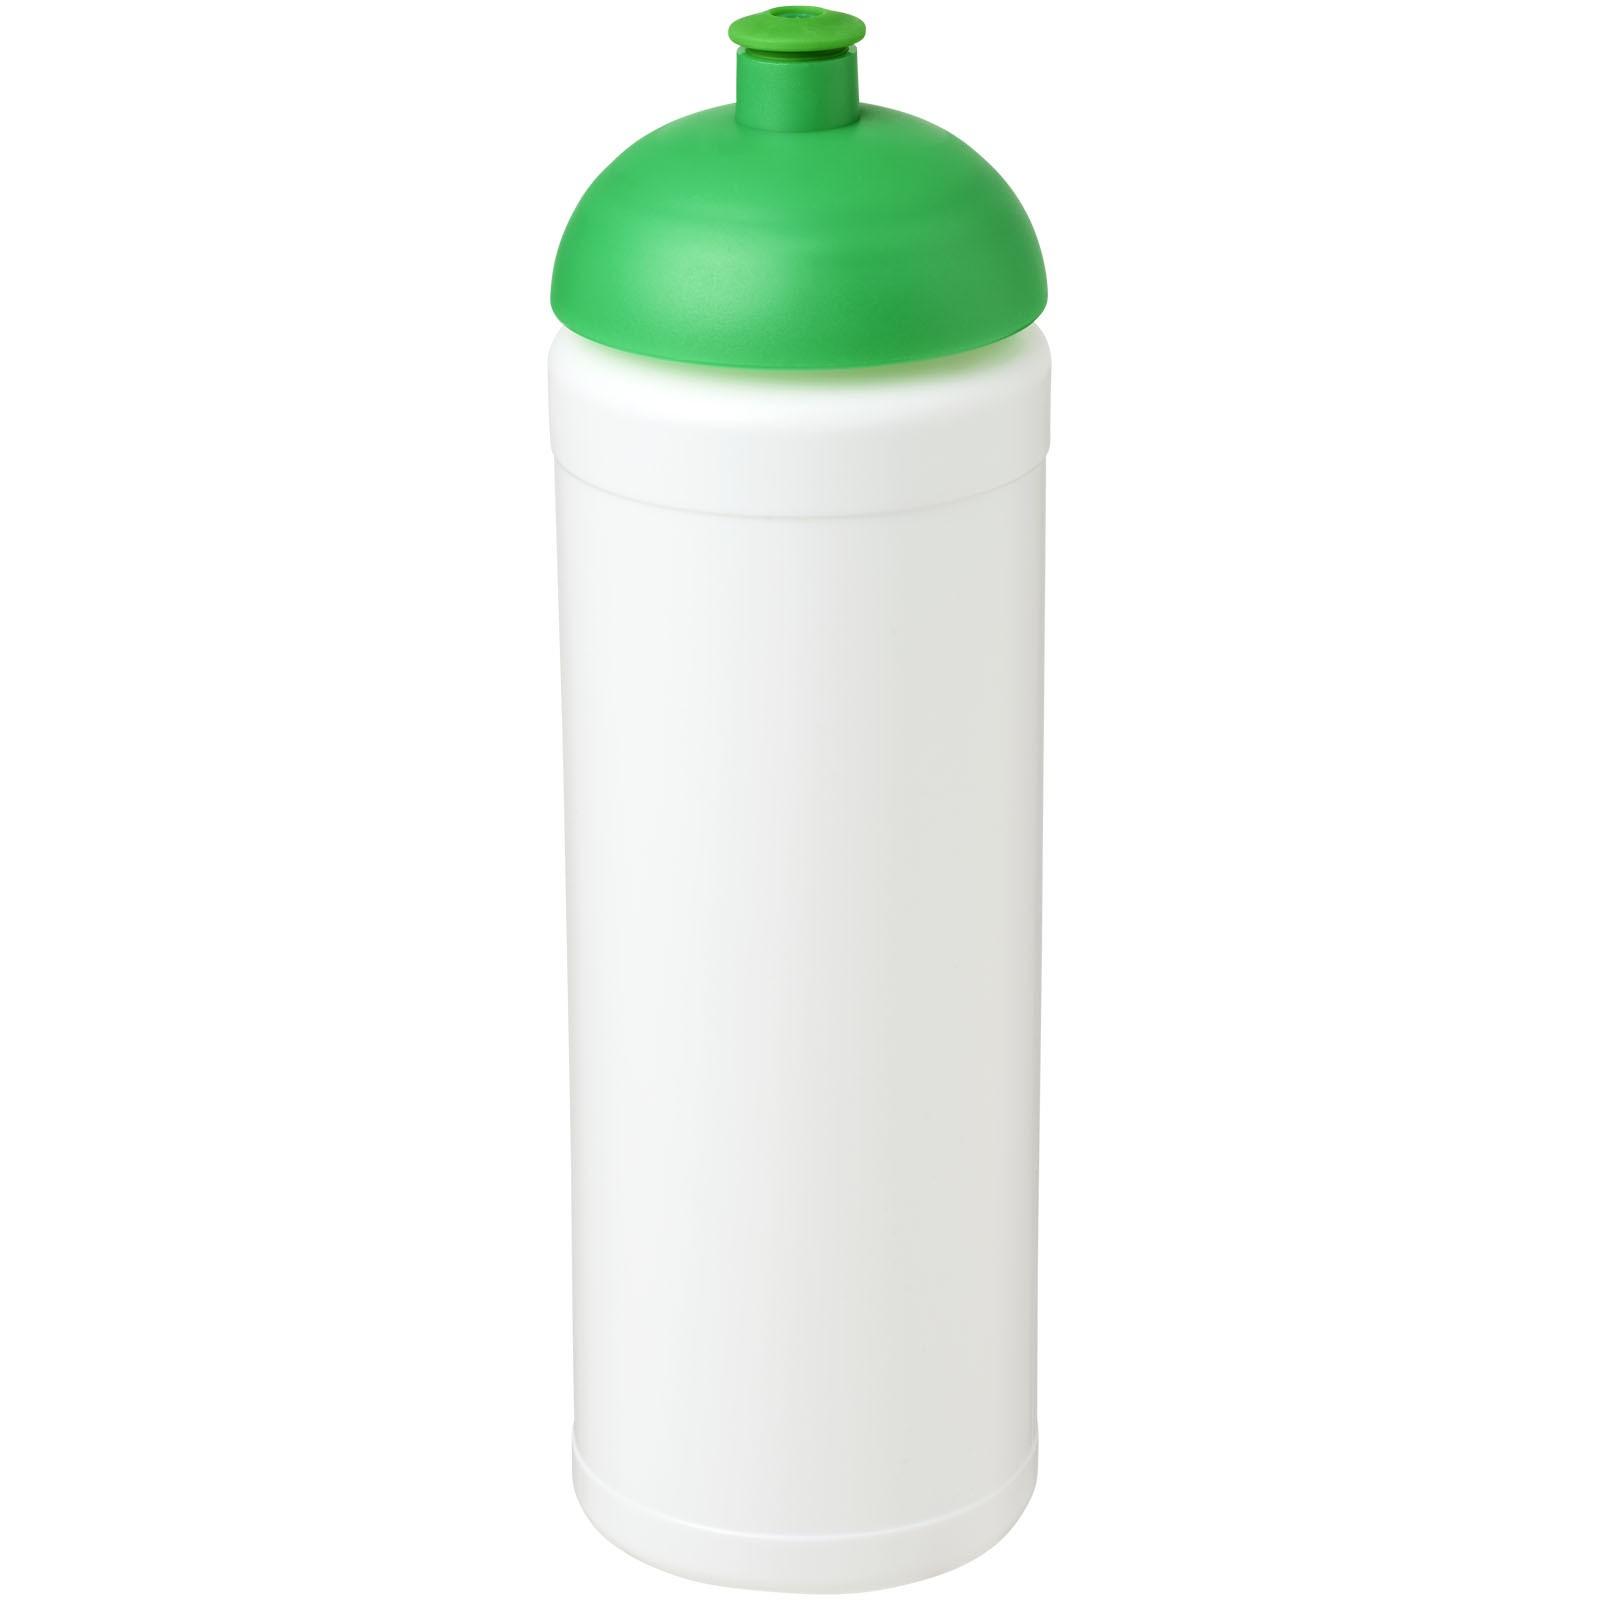 Baseline® Plus grip 750 ml Sportflasche mit Stülpdeckel - Weiss / Grün